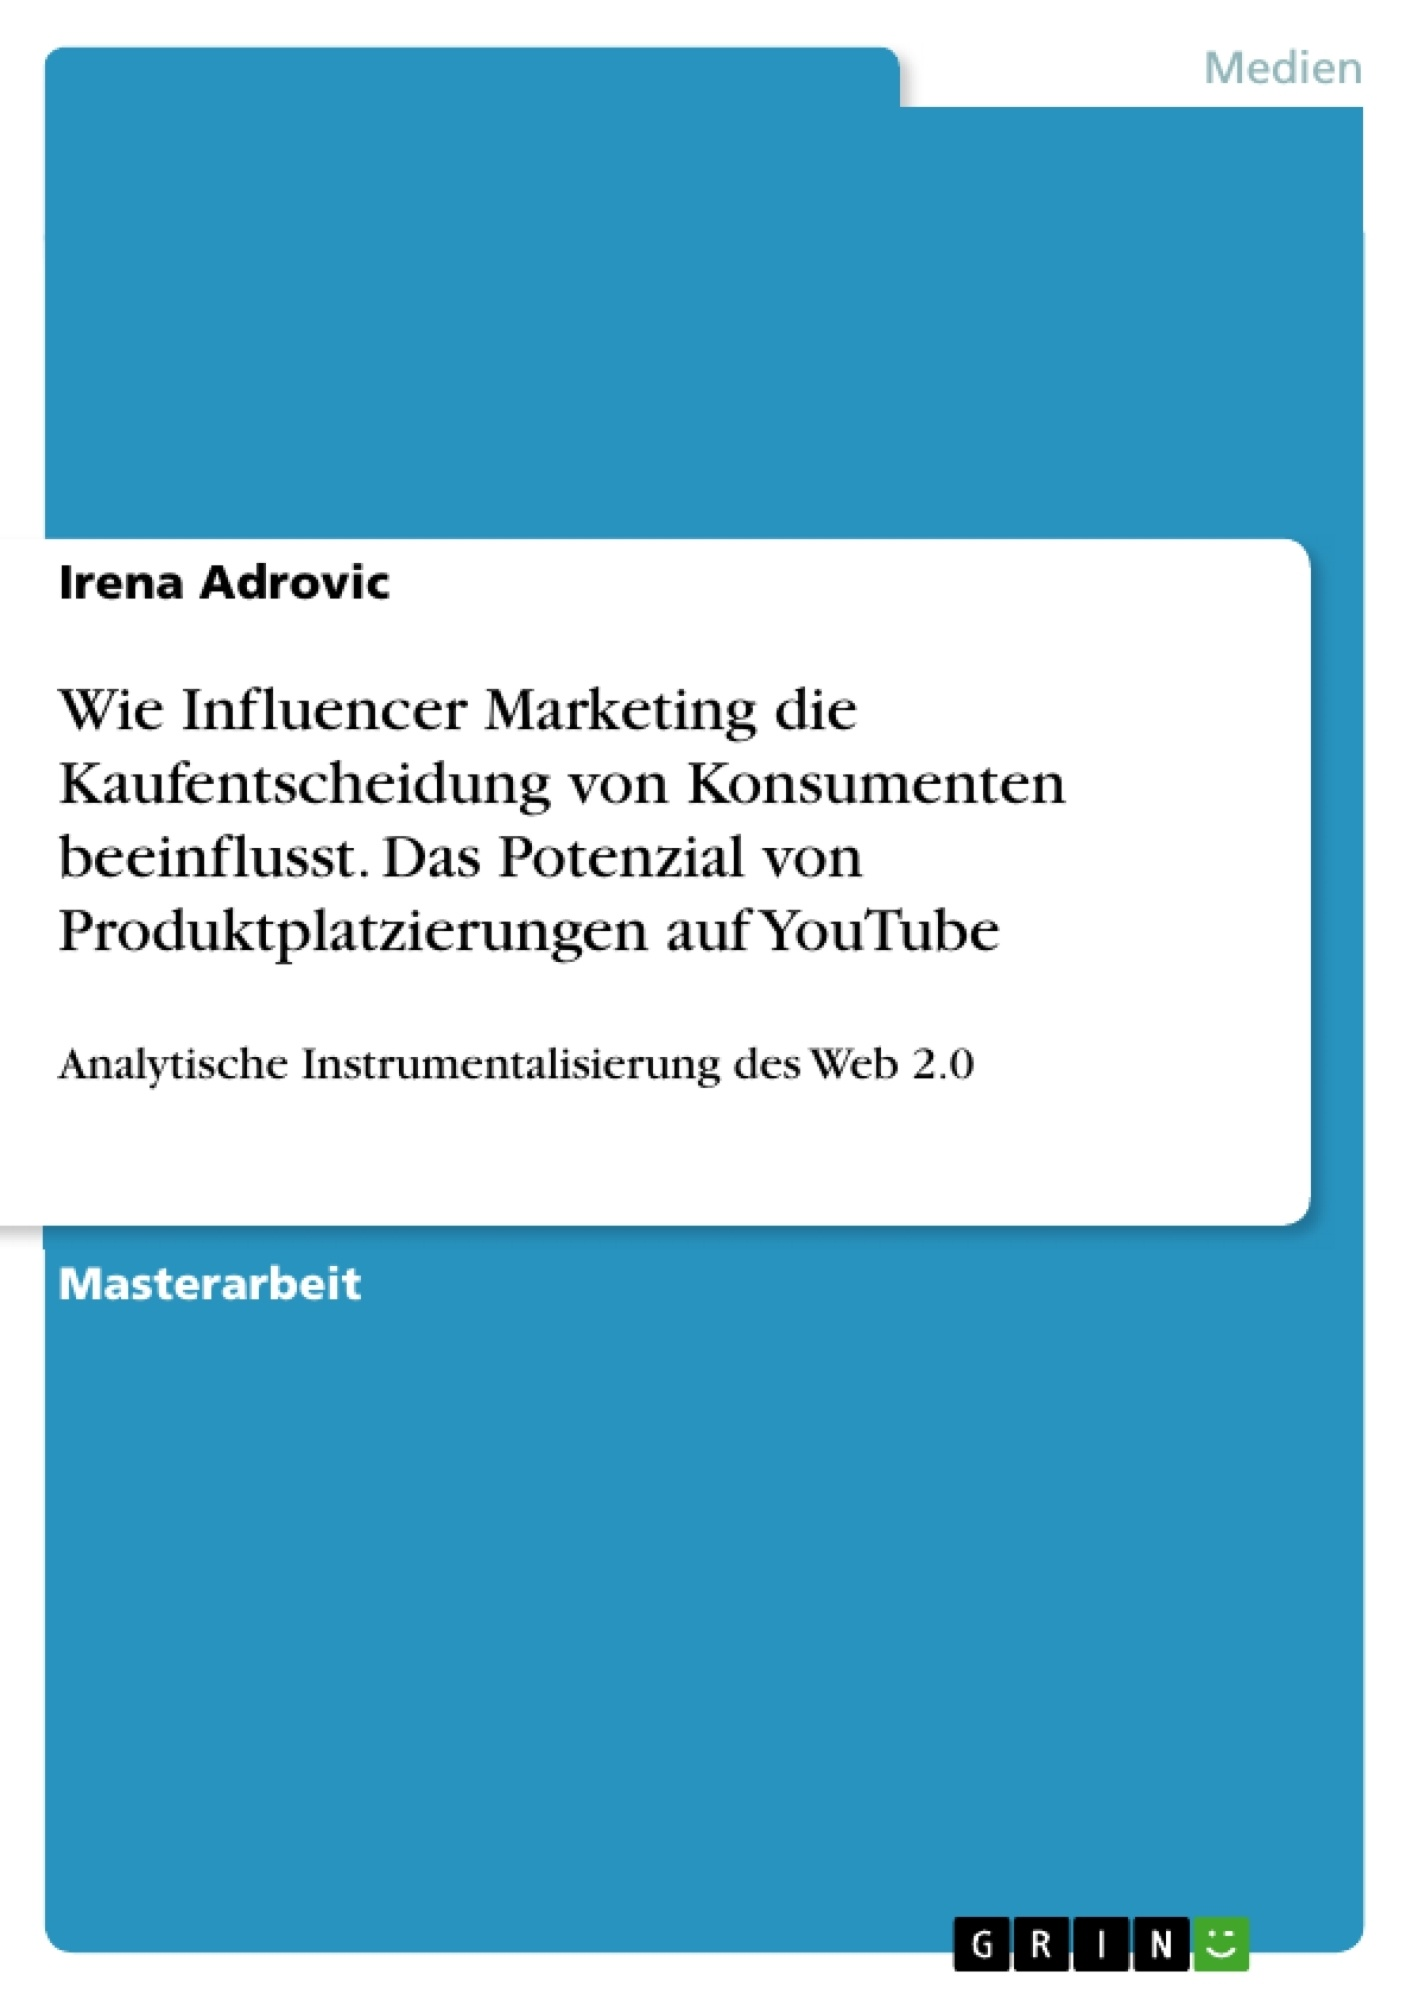 Titel: Wie Influencer Marketing die Kaufentscheidung von Konsumenten beeinflusst. Das Potenzial von Produktplatzierungen in Form von Videos auf YouTube